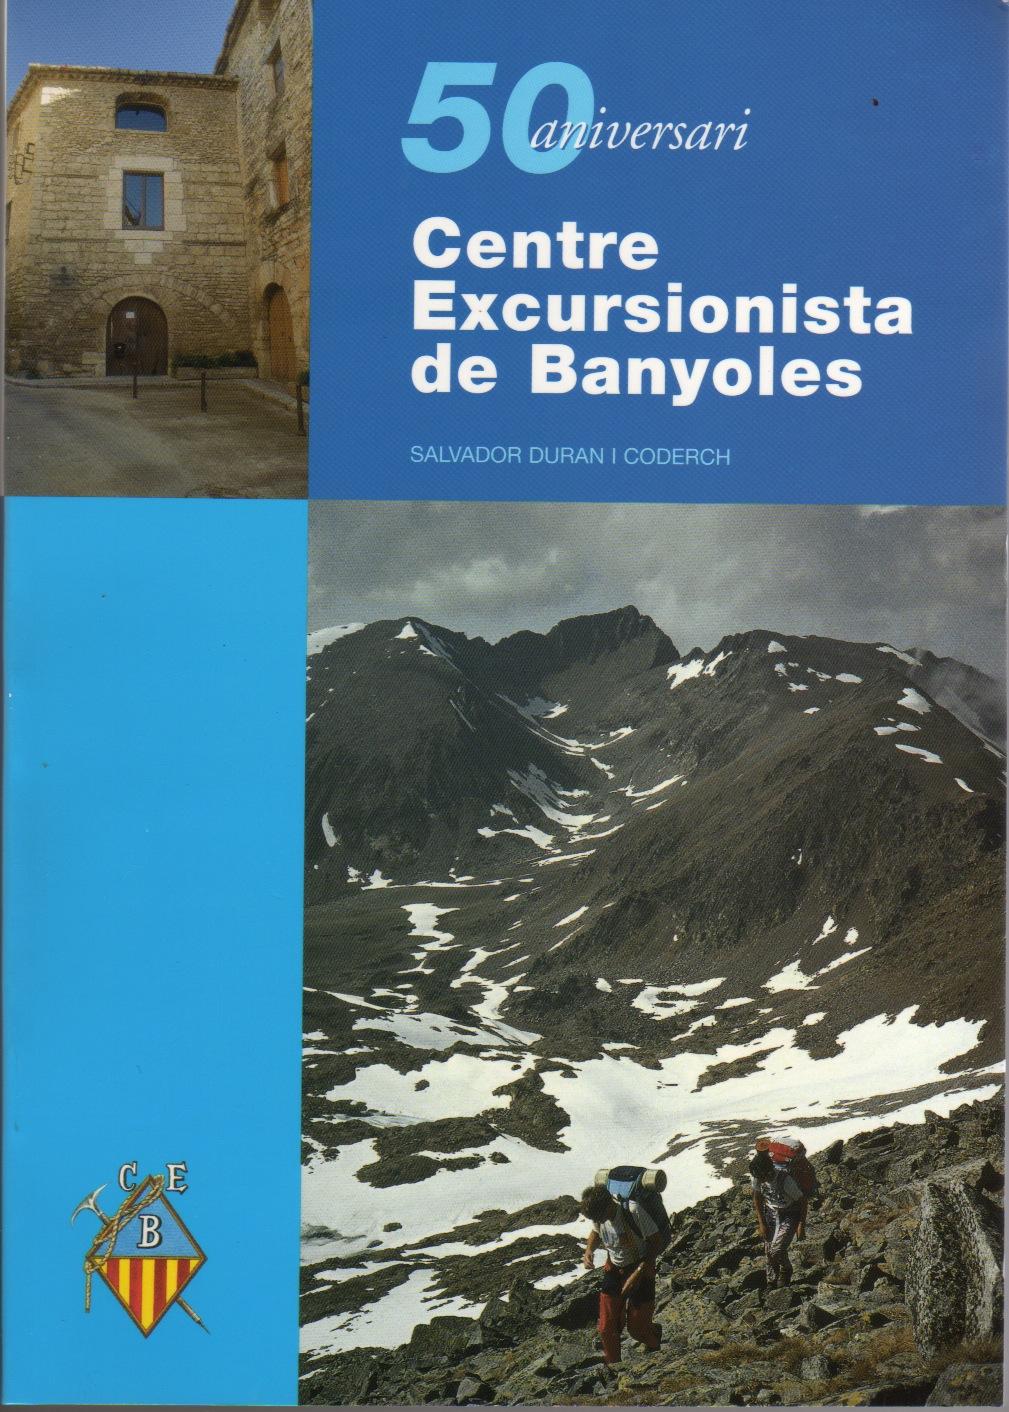 50 aniversari Centre Excursionista de Banyoles